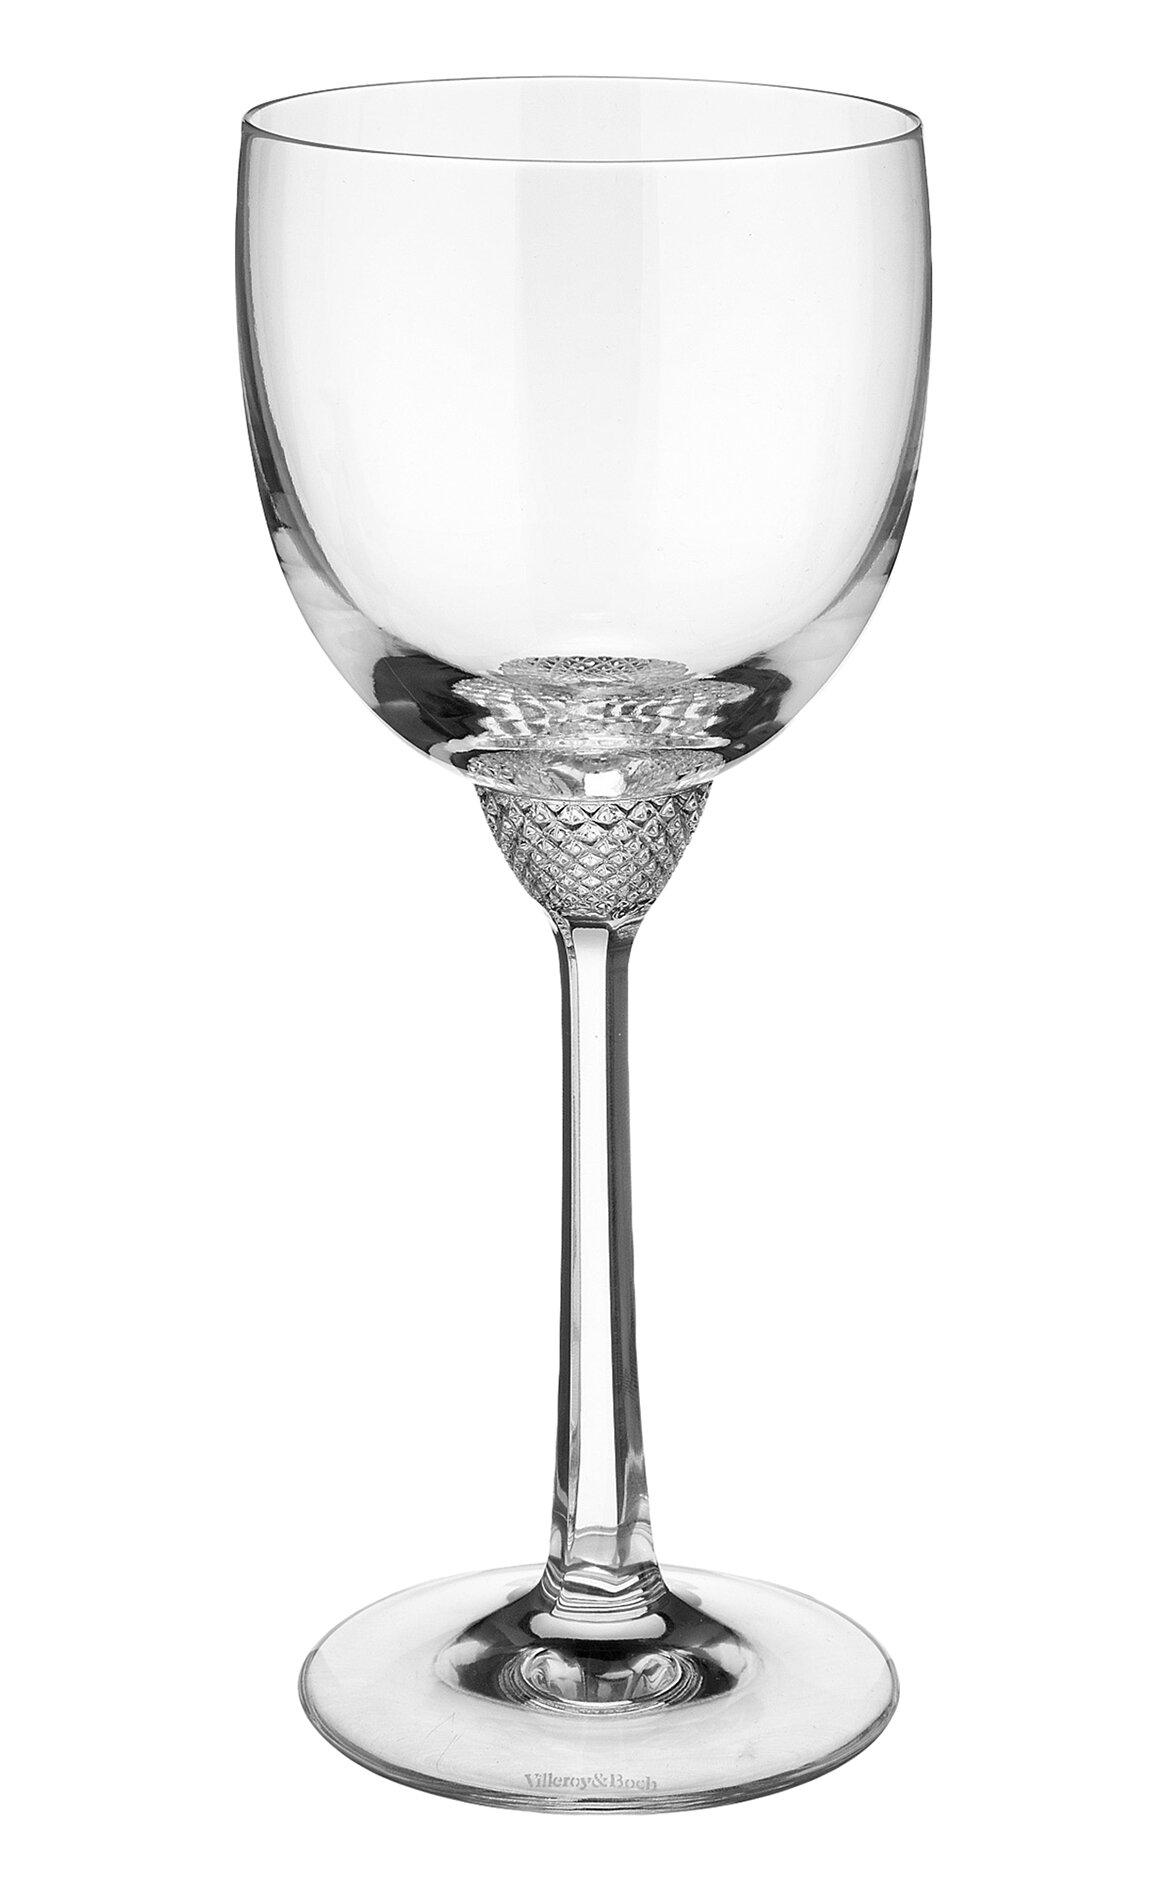 Villeroy & Boch Octavie Beyaz Şarap Kadehi